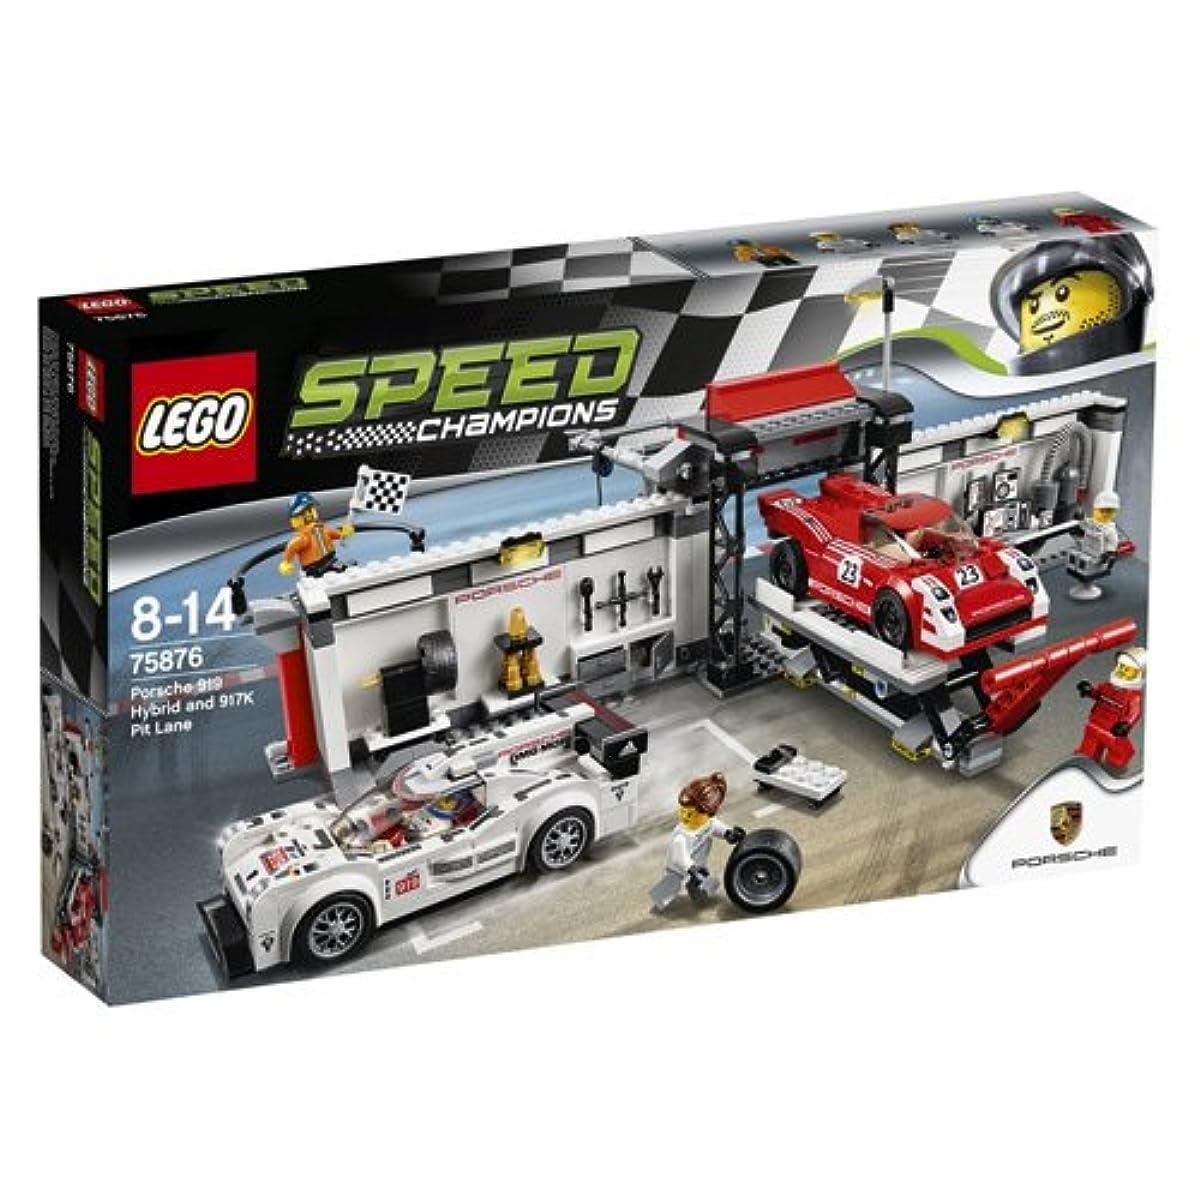 [해외] 레고 (LEGO) 스피드 챔피언 포르쉐 919 하이브리드& 917K 피트 레인 75876-75876 (2016-03-04)